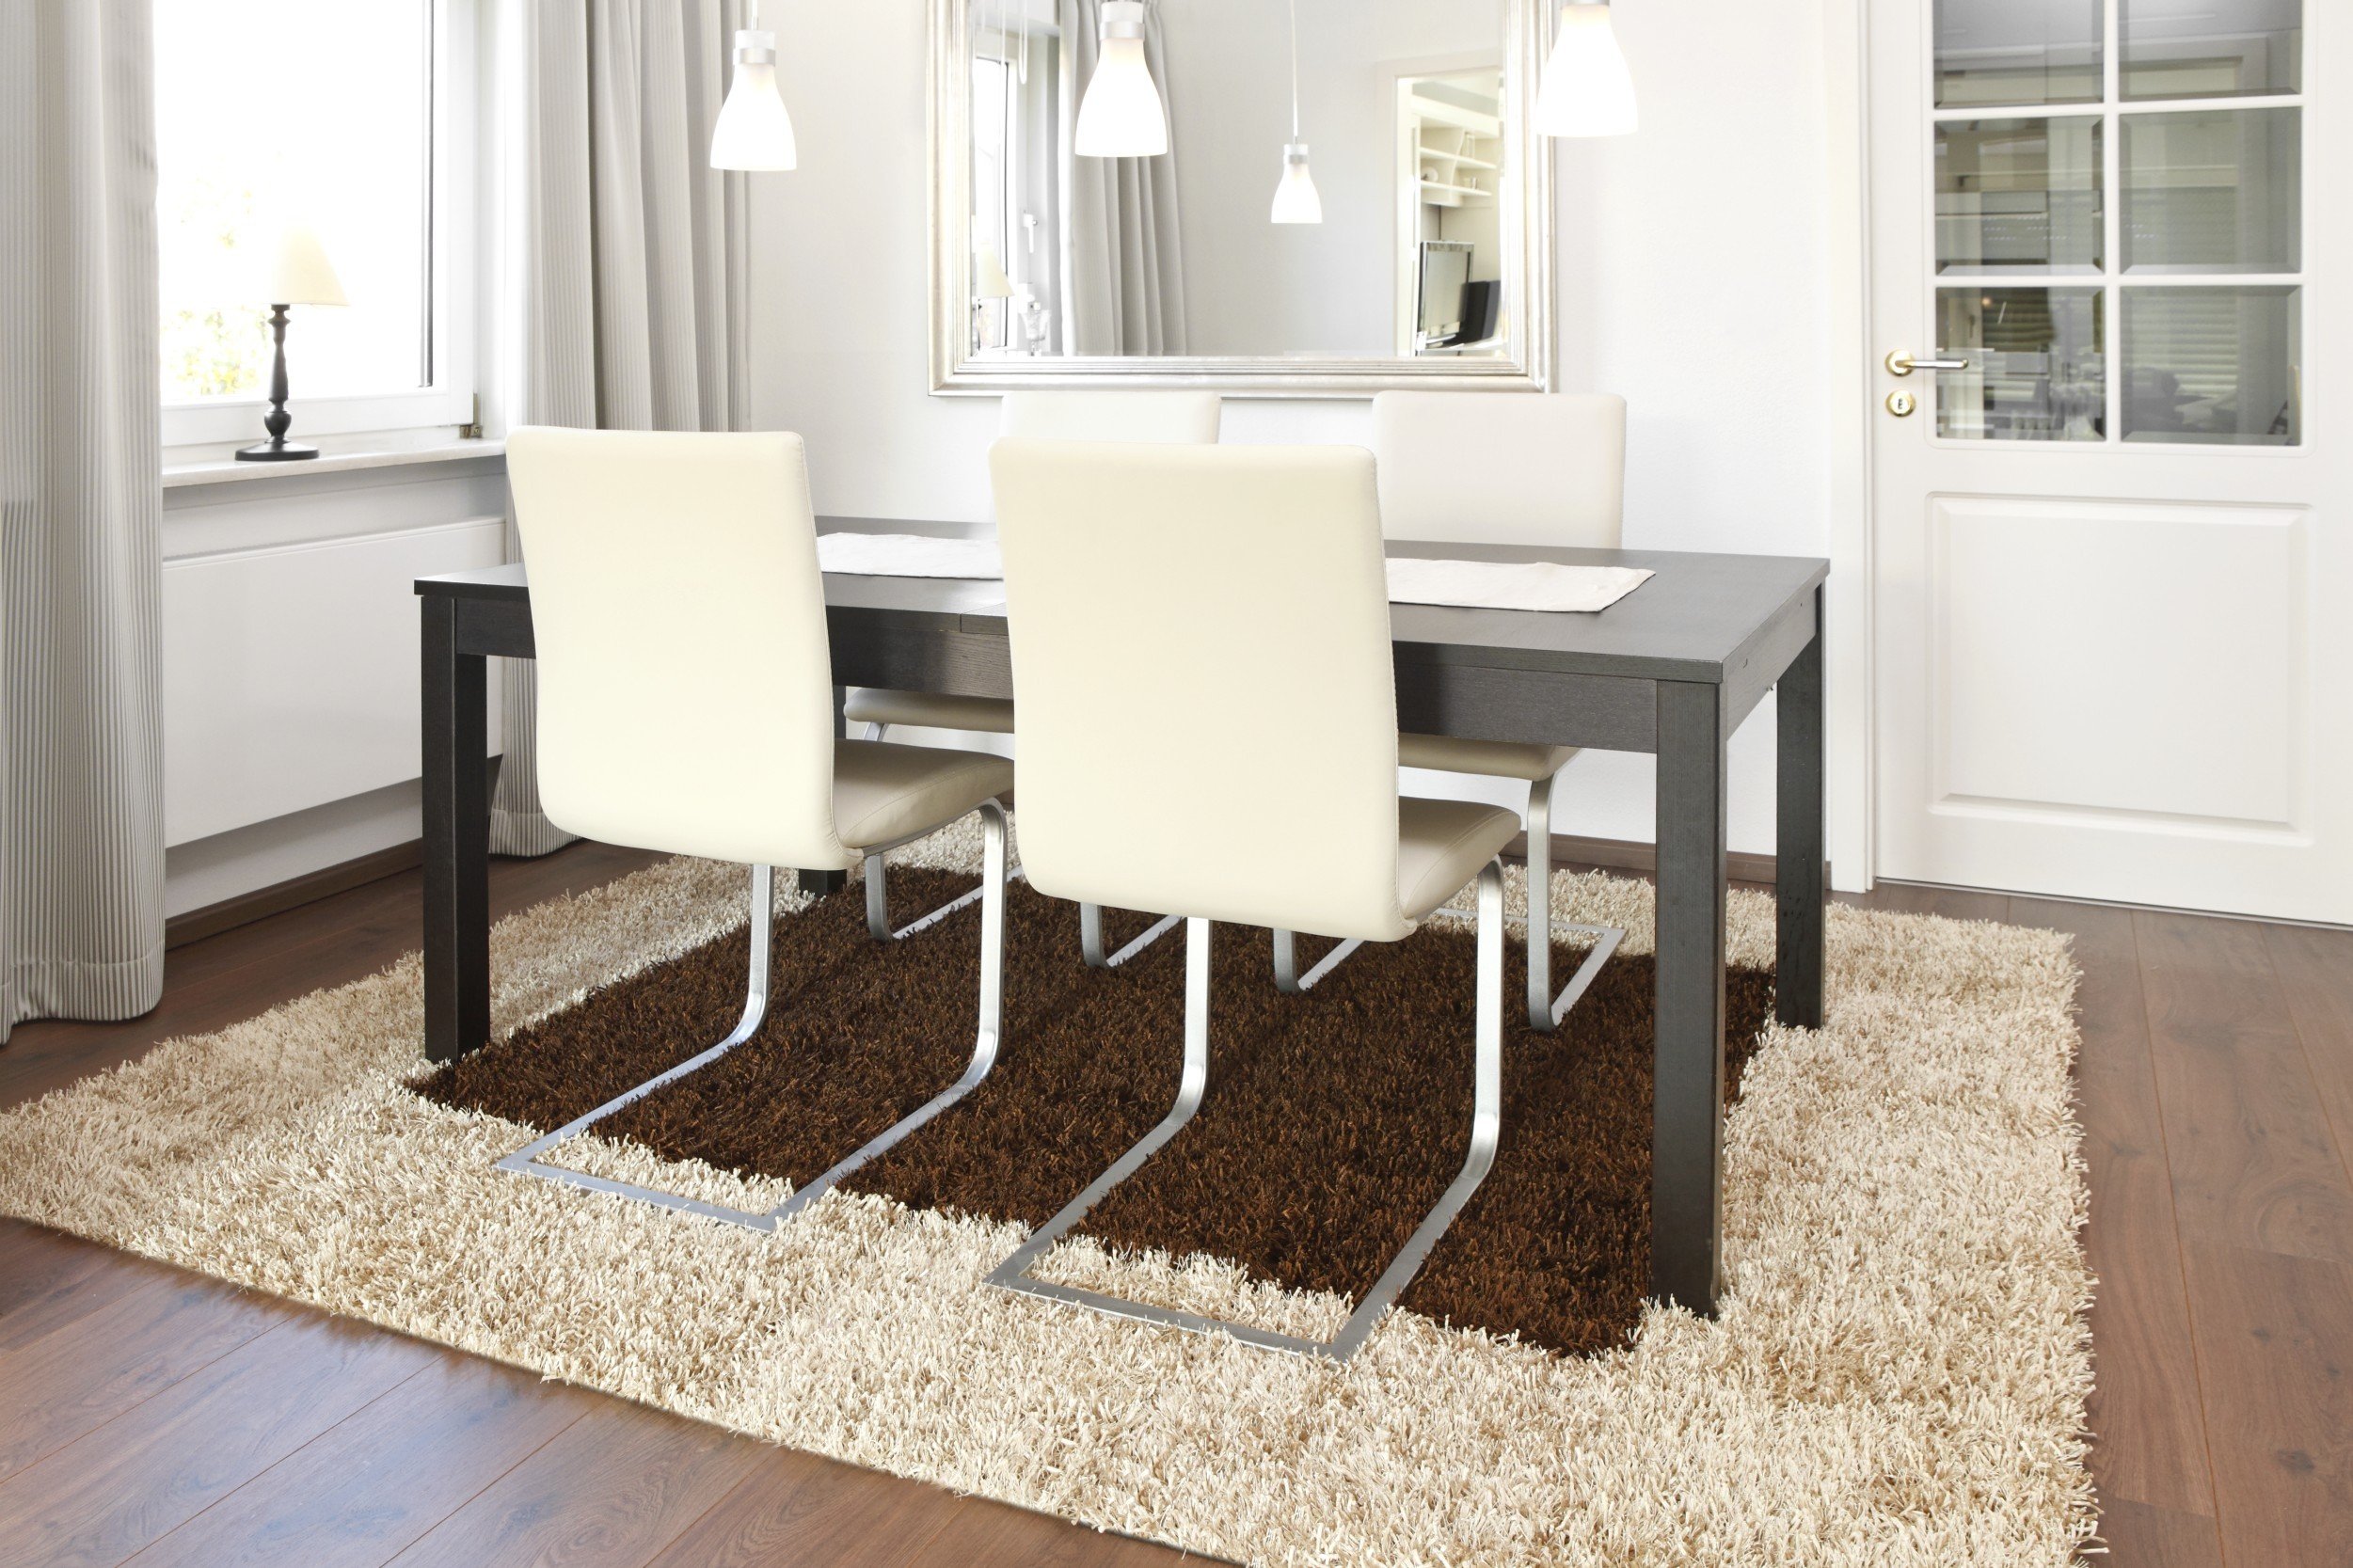 Teppich Al Mano Beispiel: als rechteckiger Esszimmerteppich in creme und braun mit Tisch und Stühlen